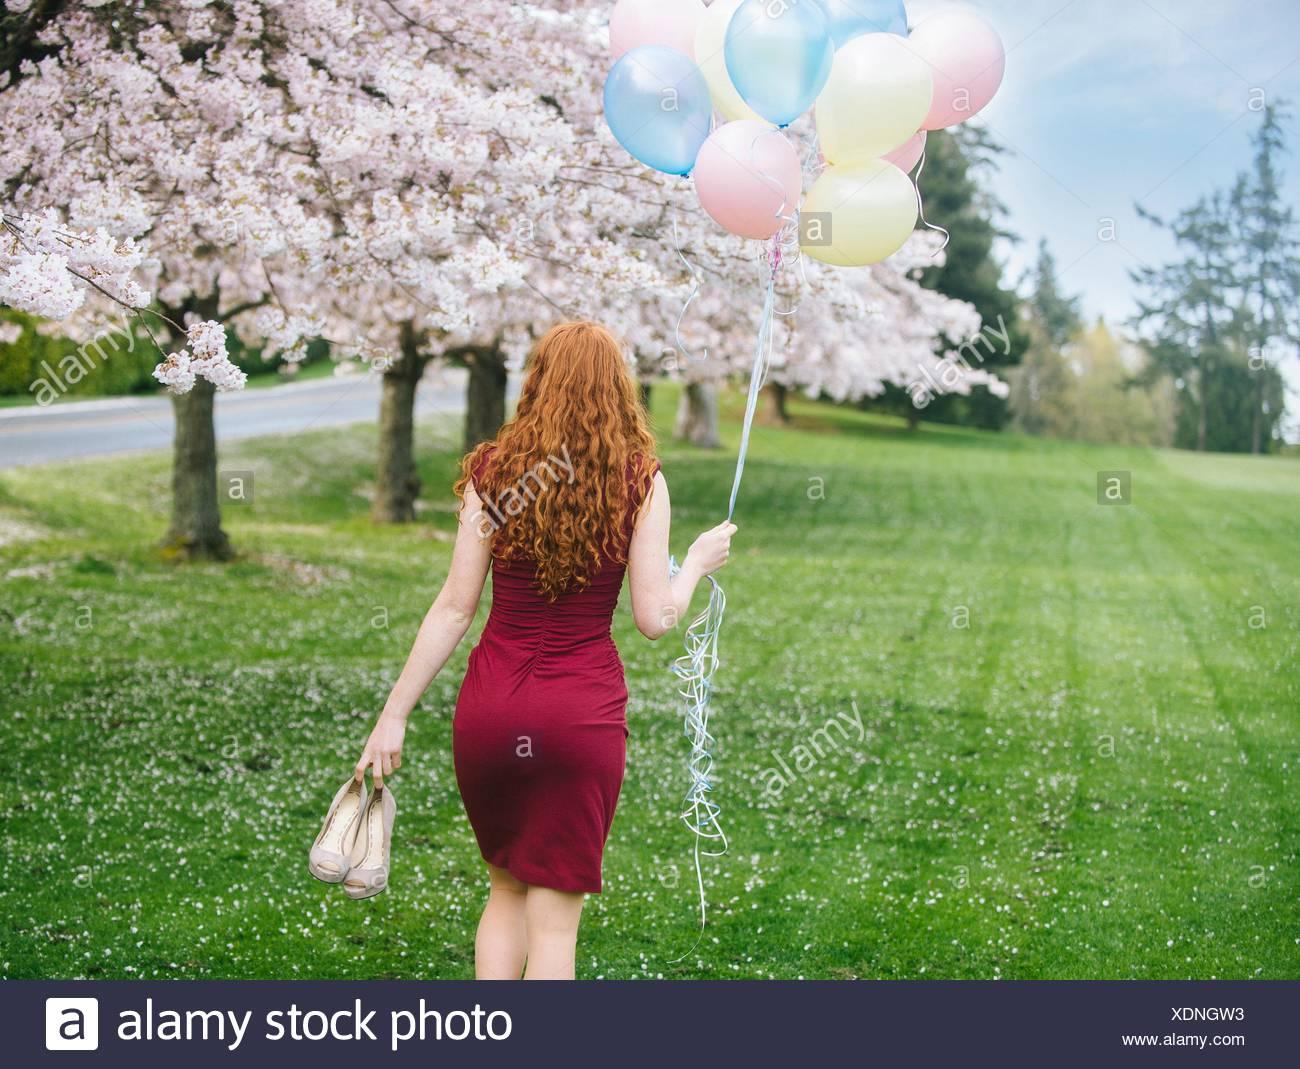 Vista posteriore della giovane donna con ondulata lungo i capelli rossi e il mazzetto di palloncini passeggiando nel Parco di primavera Immagini Stock